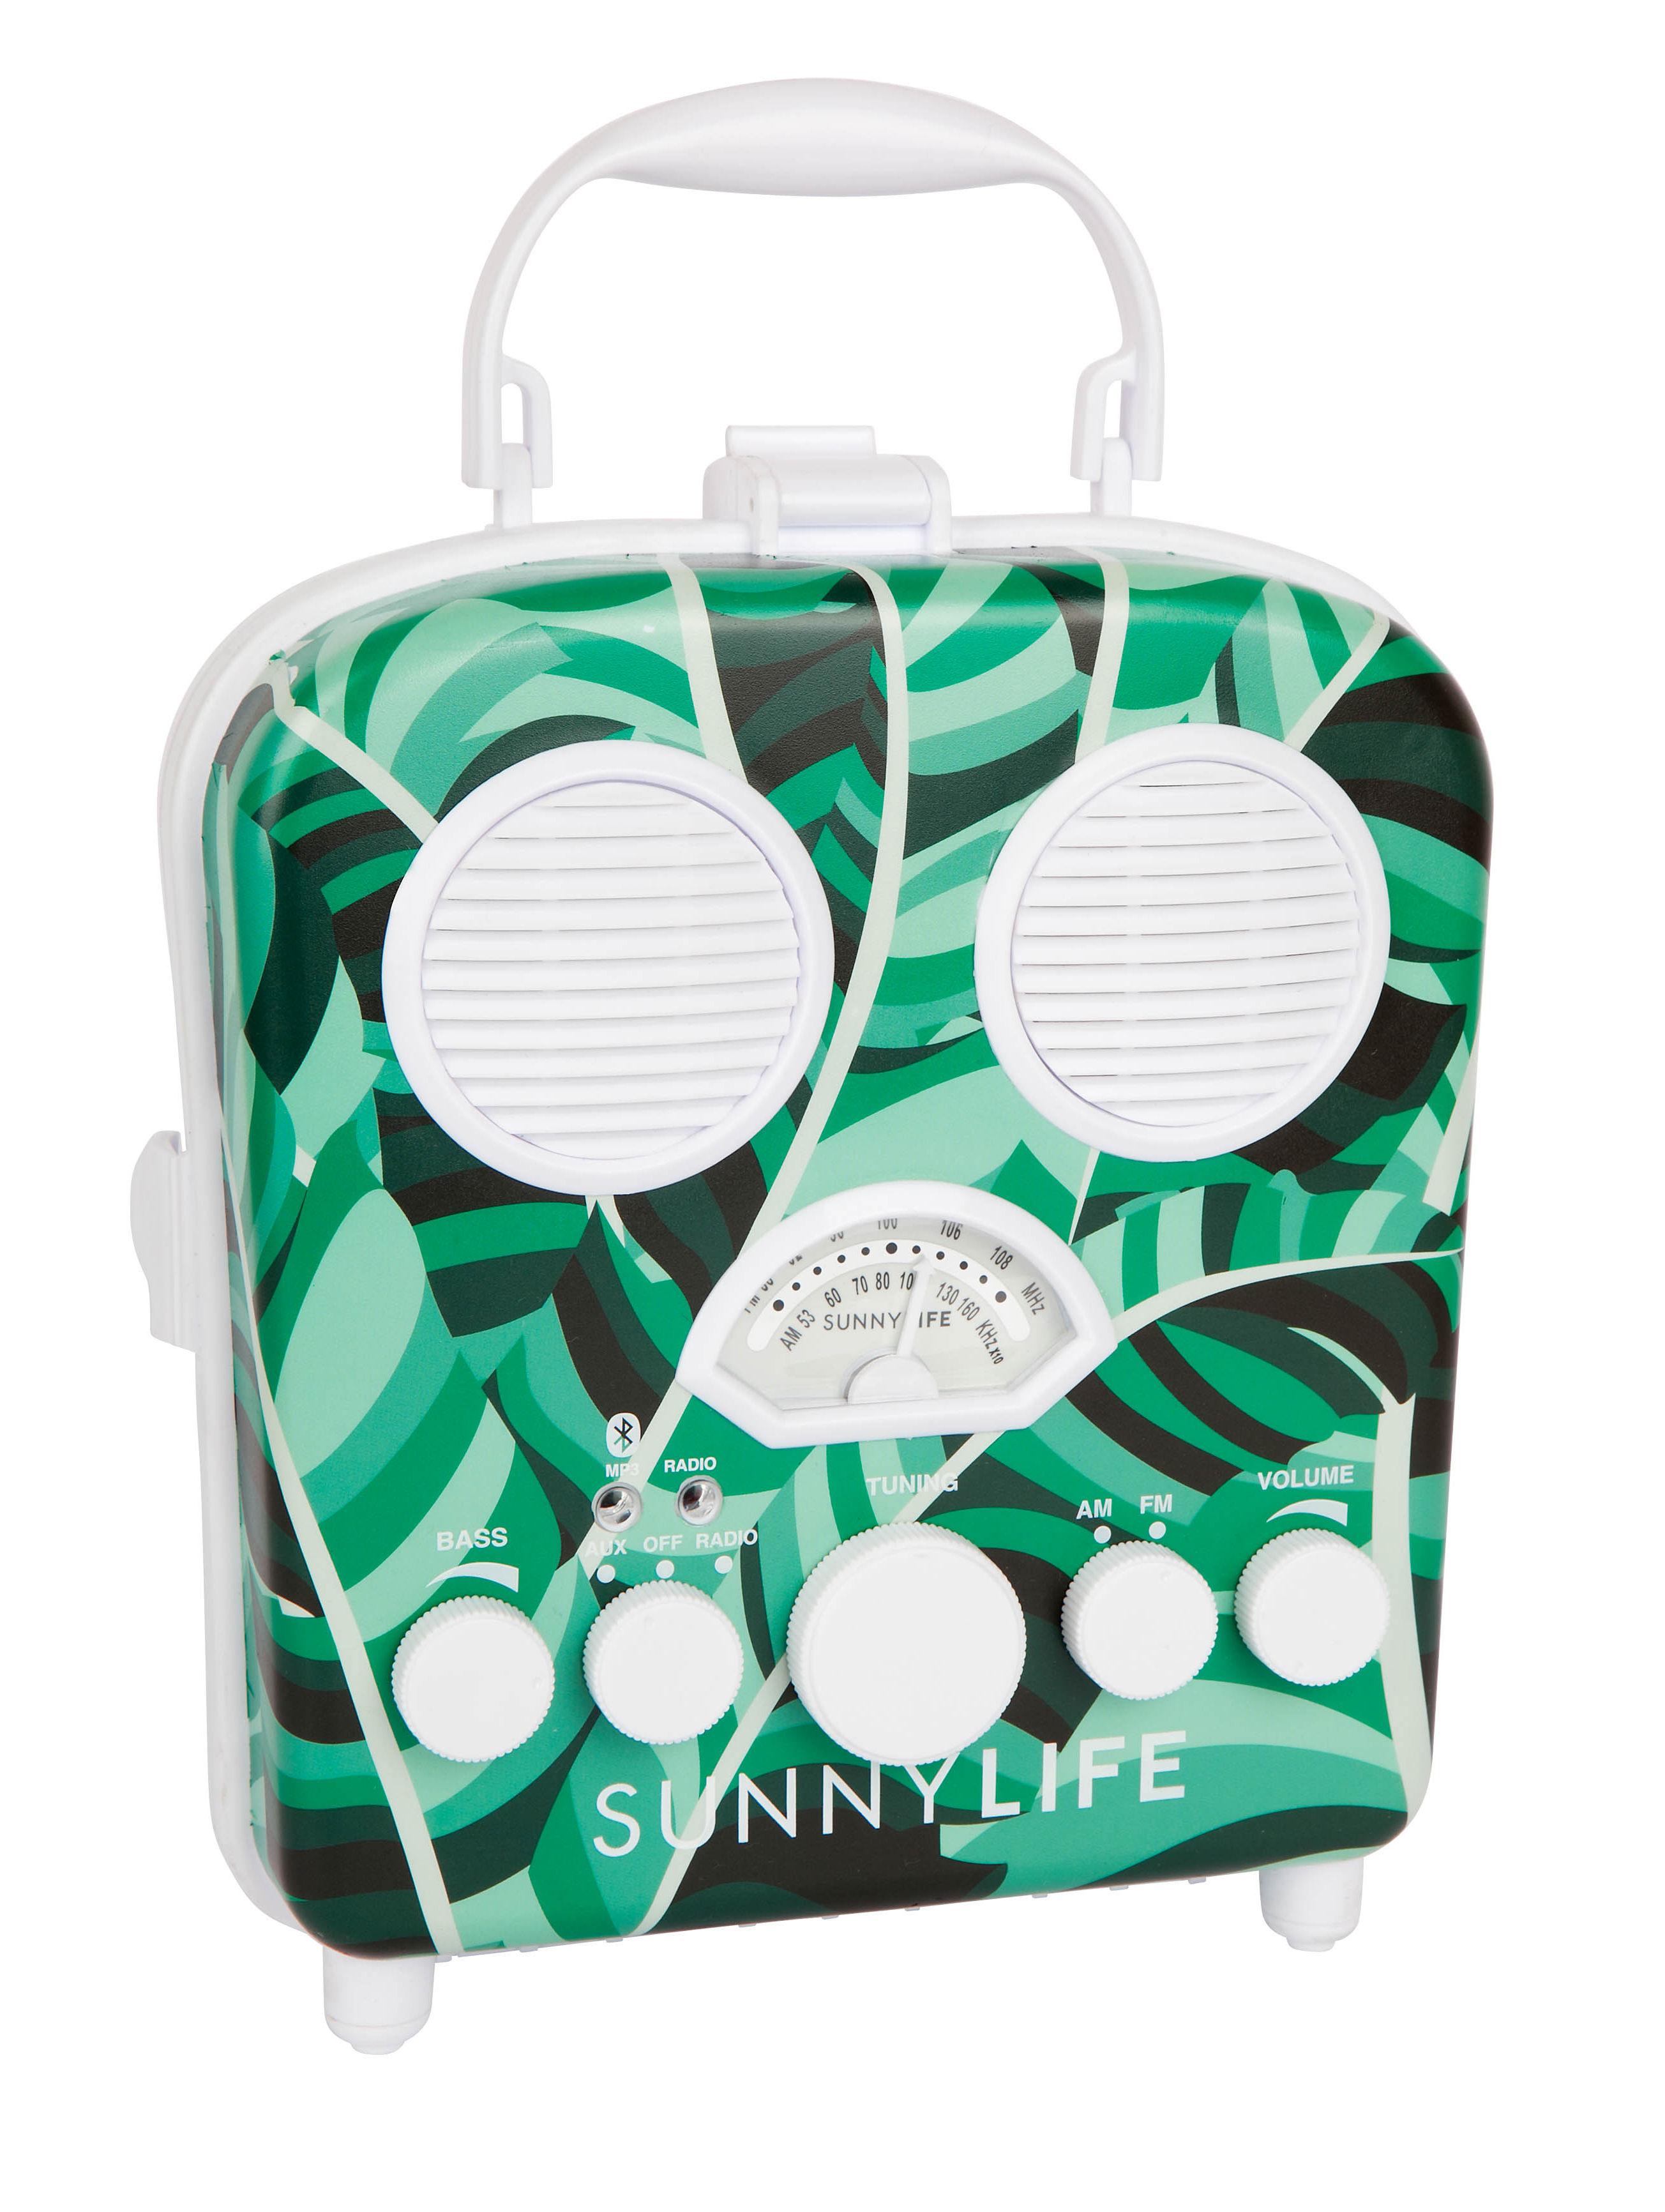 Déco - Pour les enfants - Enceinte portable Banana Palm / Enceinte - Étanche - Sunnylife - Banana palm / Vert & blanc - Matière plastique, Mousse